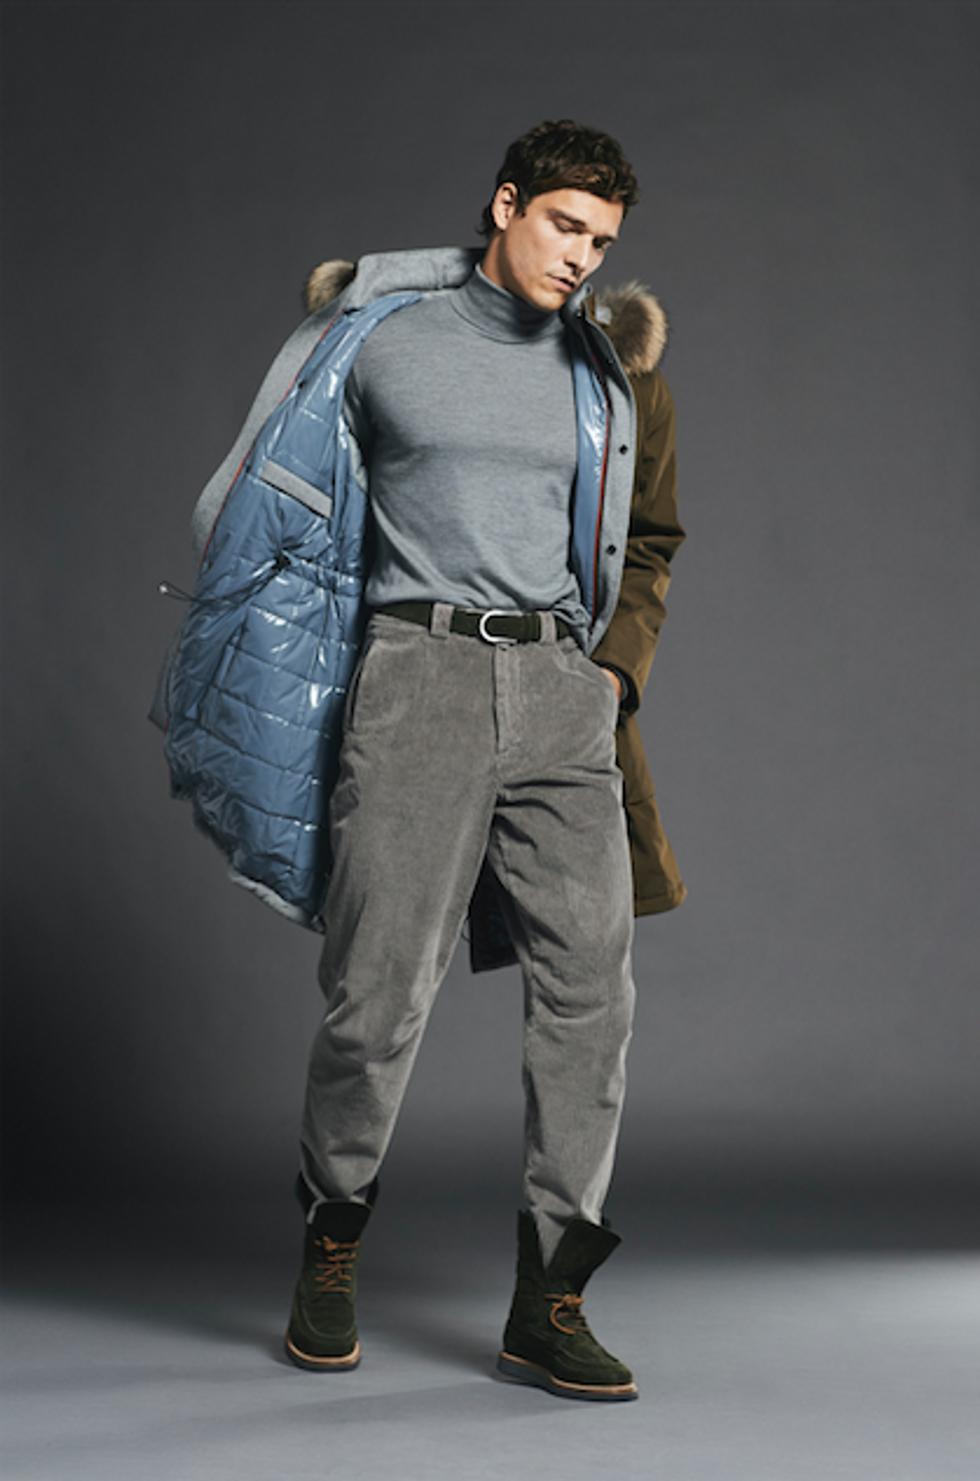 Milano Moda uomo: le sfilate di Magliano, M1992 e Kiton